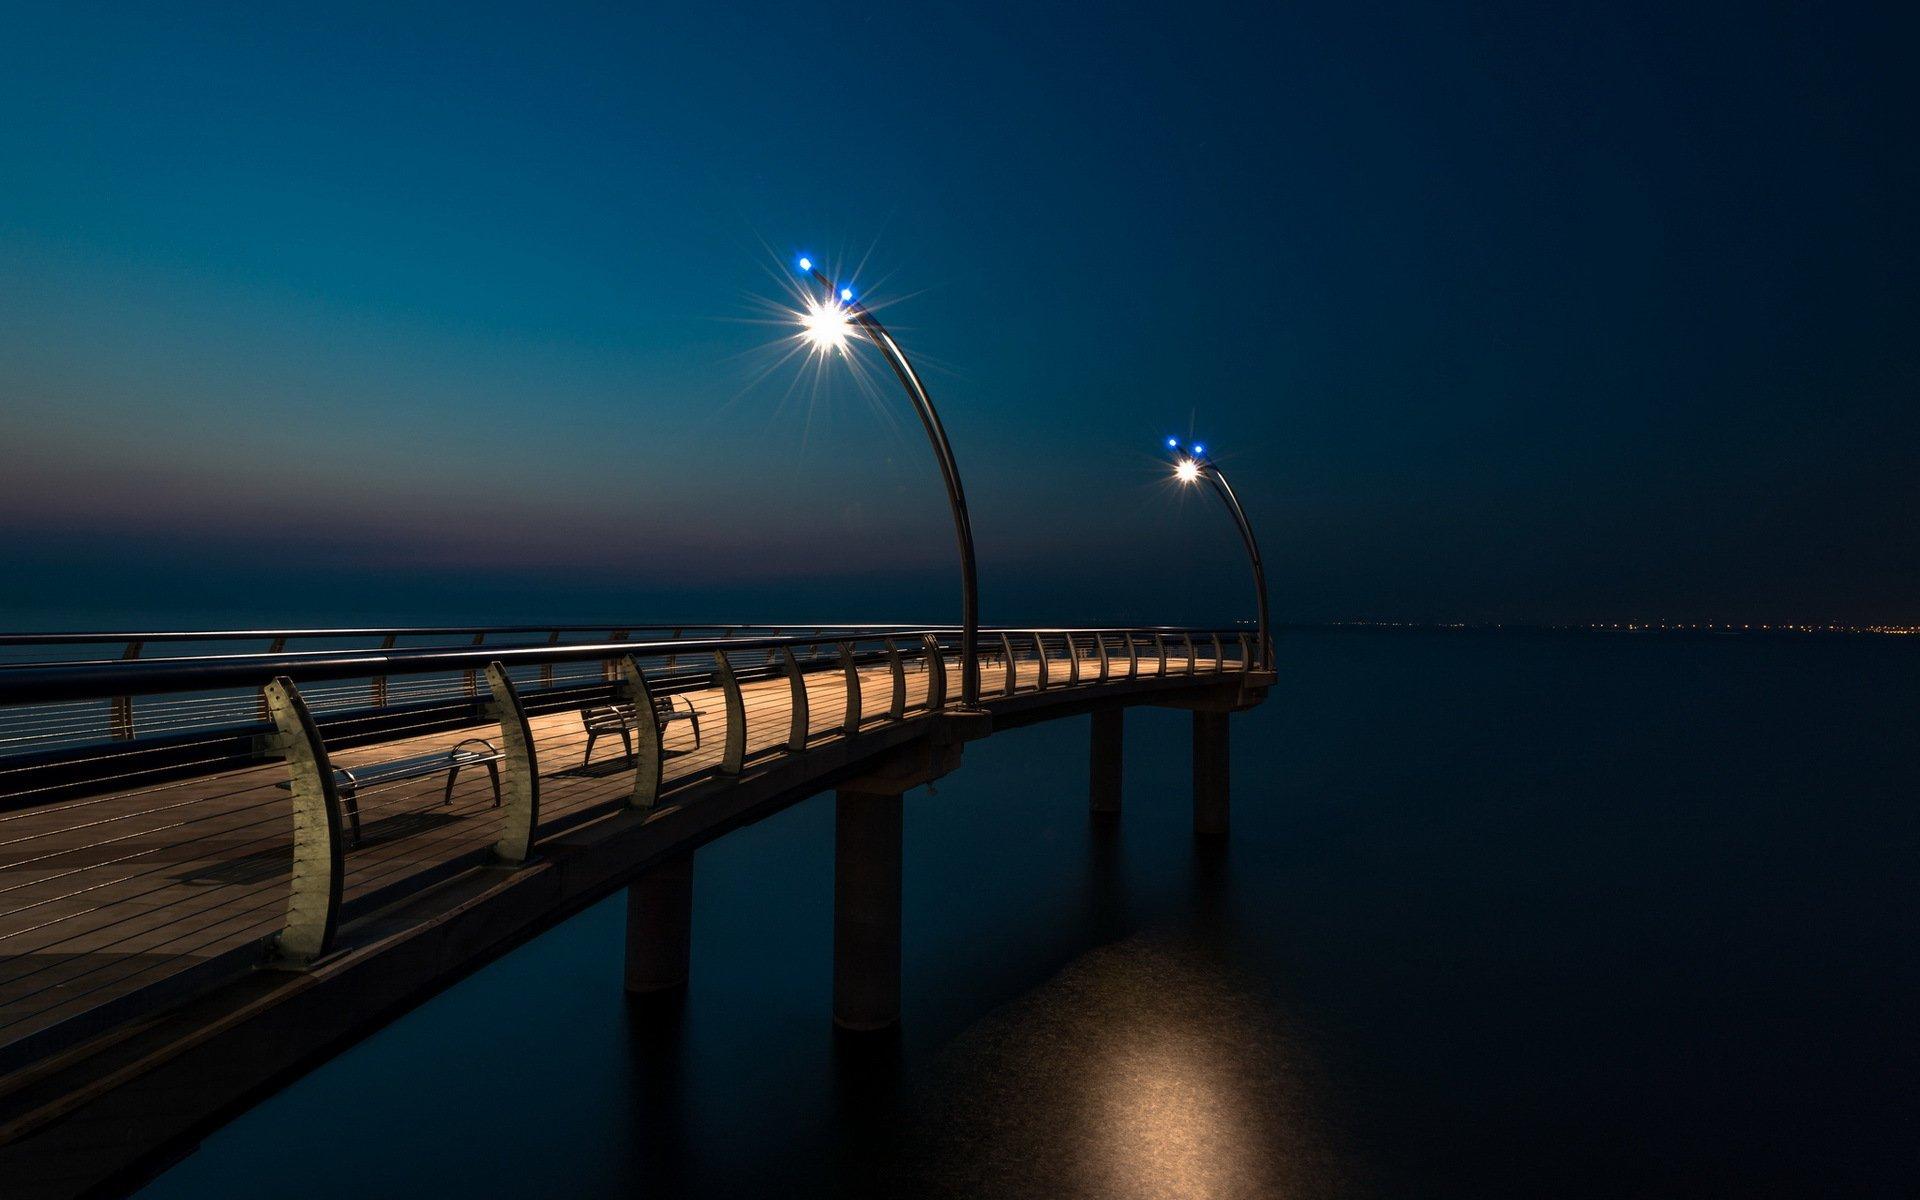 мост огни свечение ночь  № 3369571 загрузить